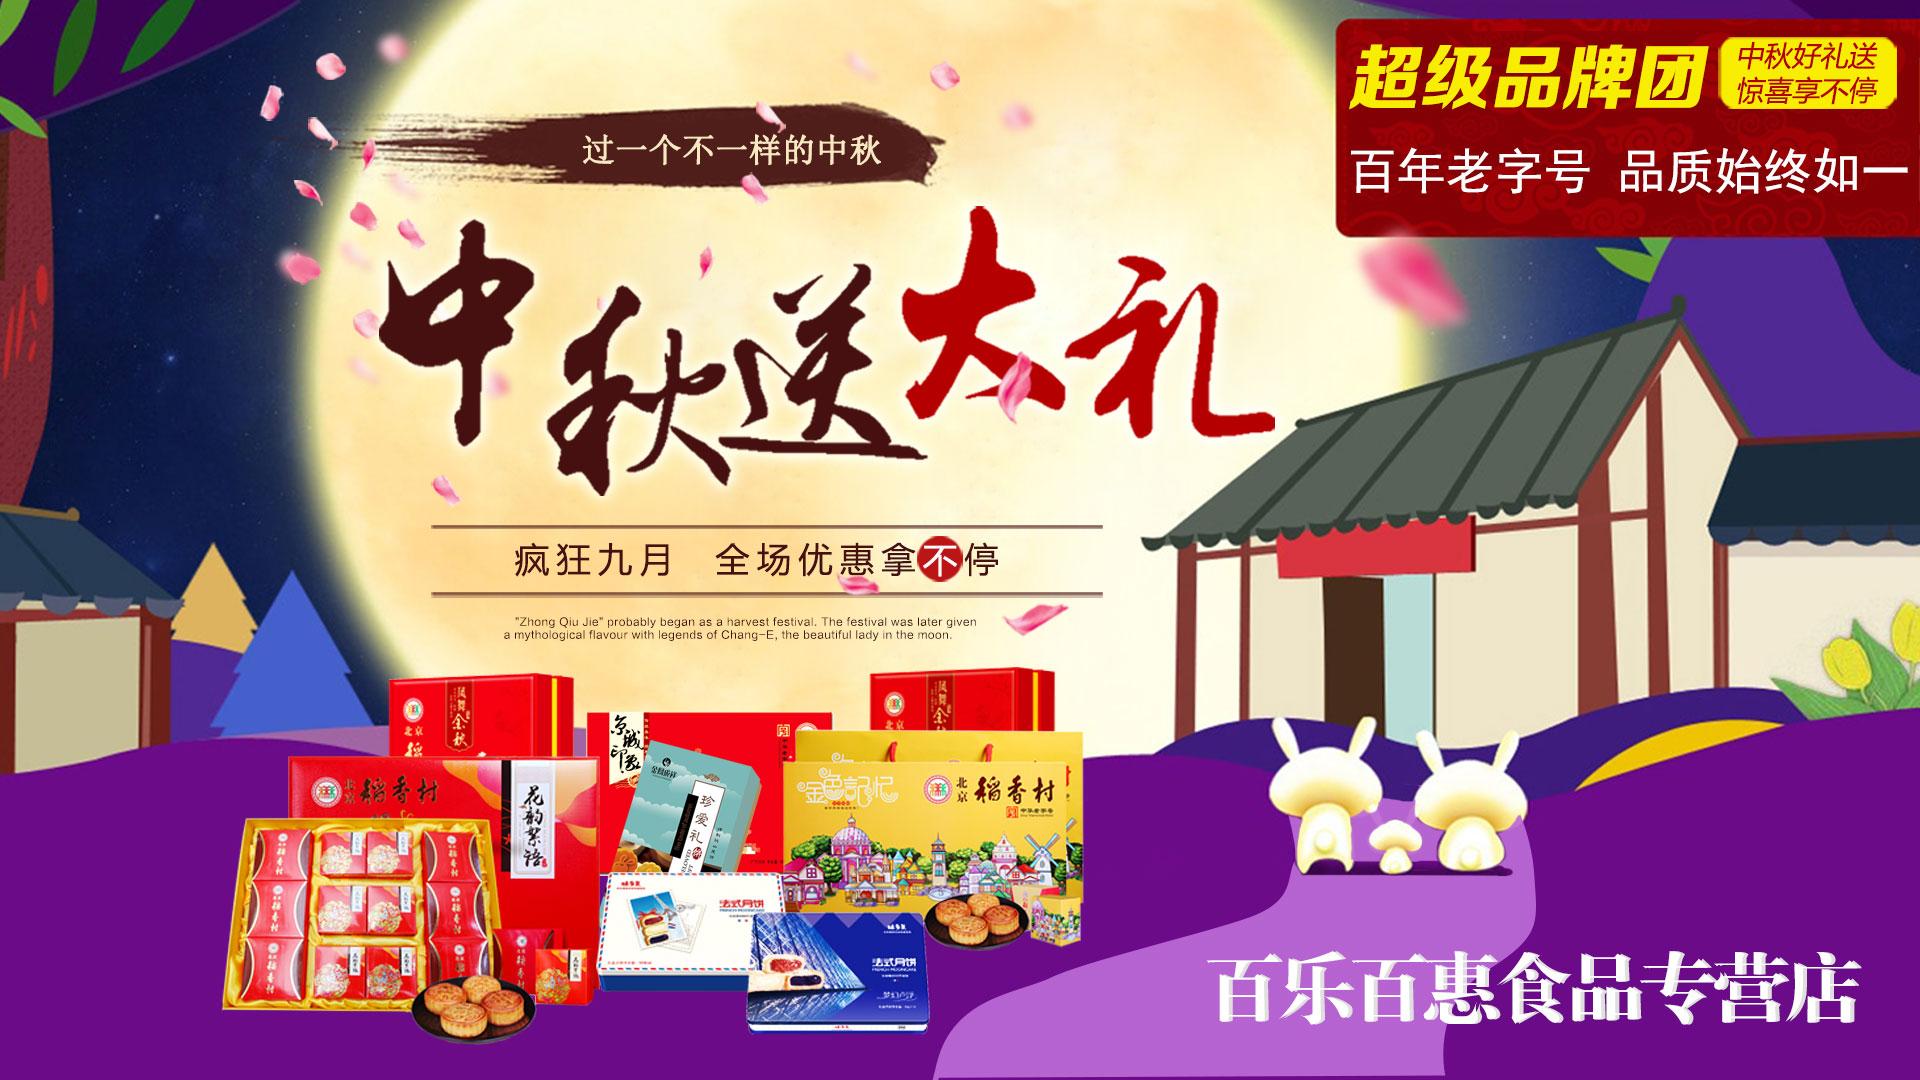 中秋微场景_京东中秋美食节_宣传型微场景案例- 兔展h5作品